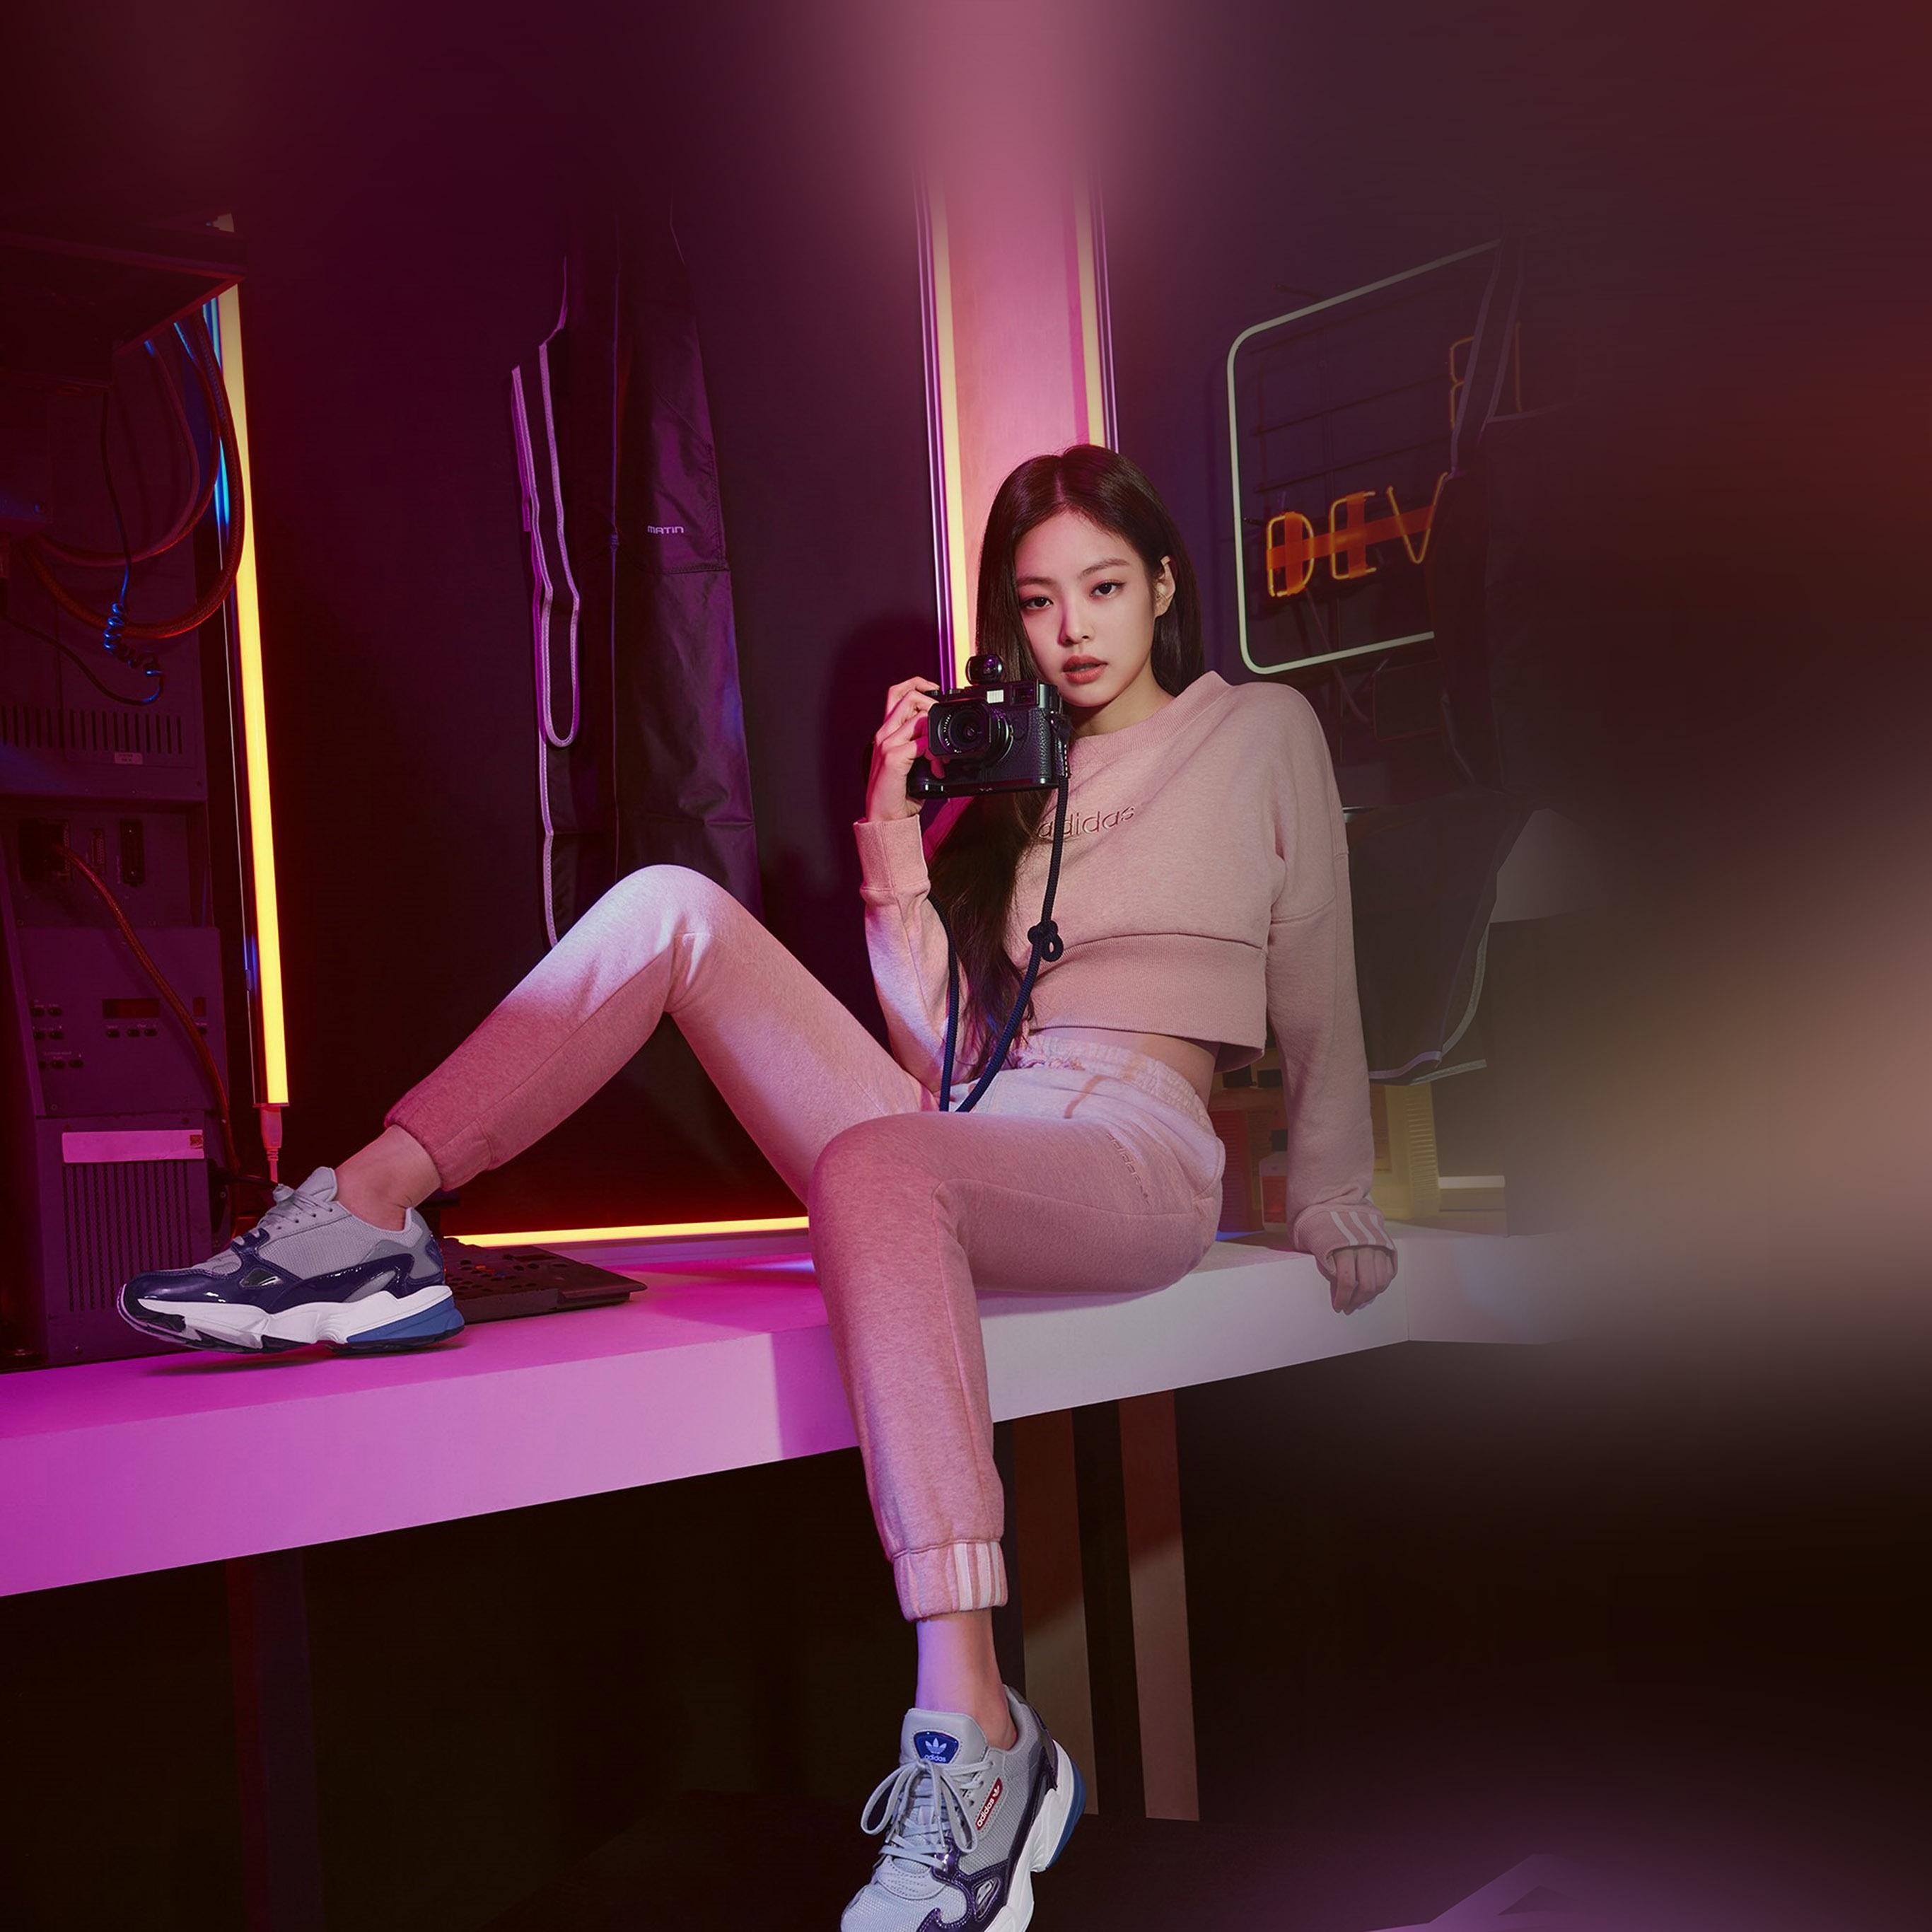 Hr86 Asian Kpop Jennie Girl Blackpink Wallpaper